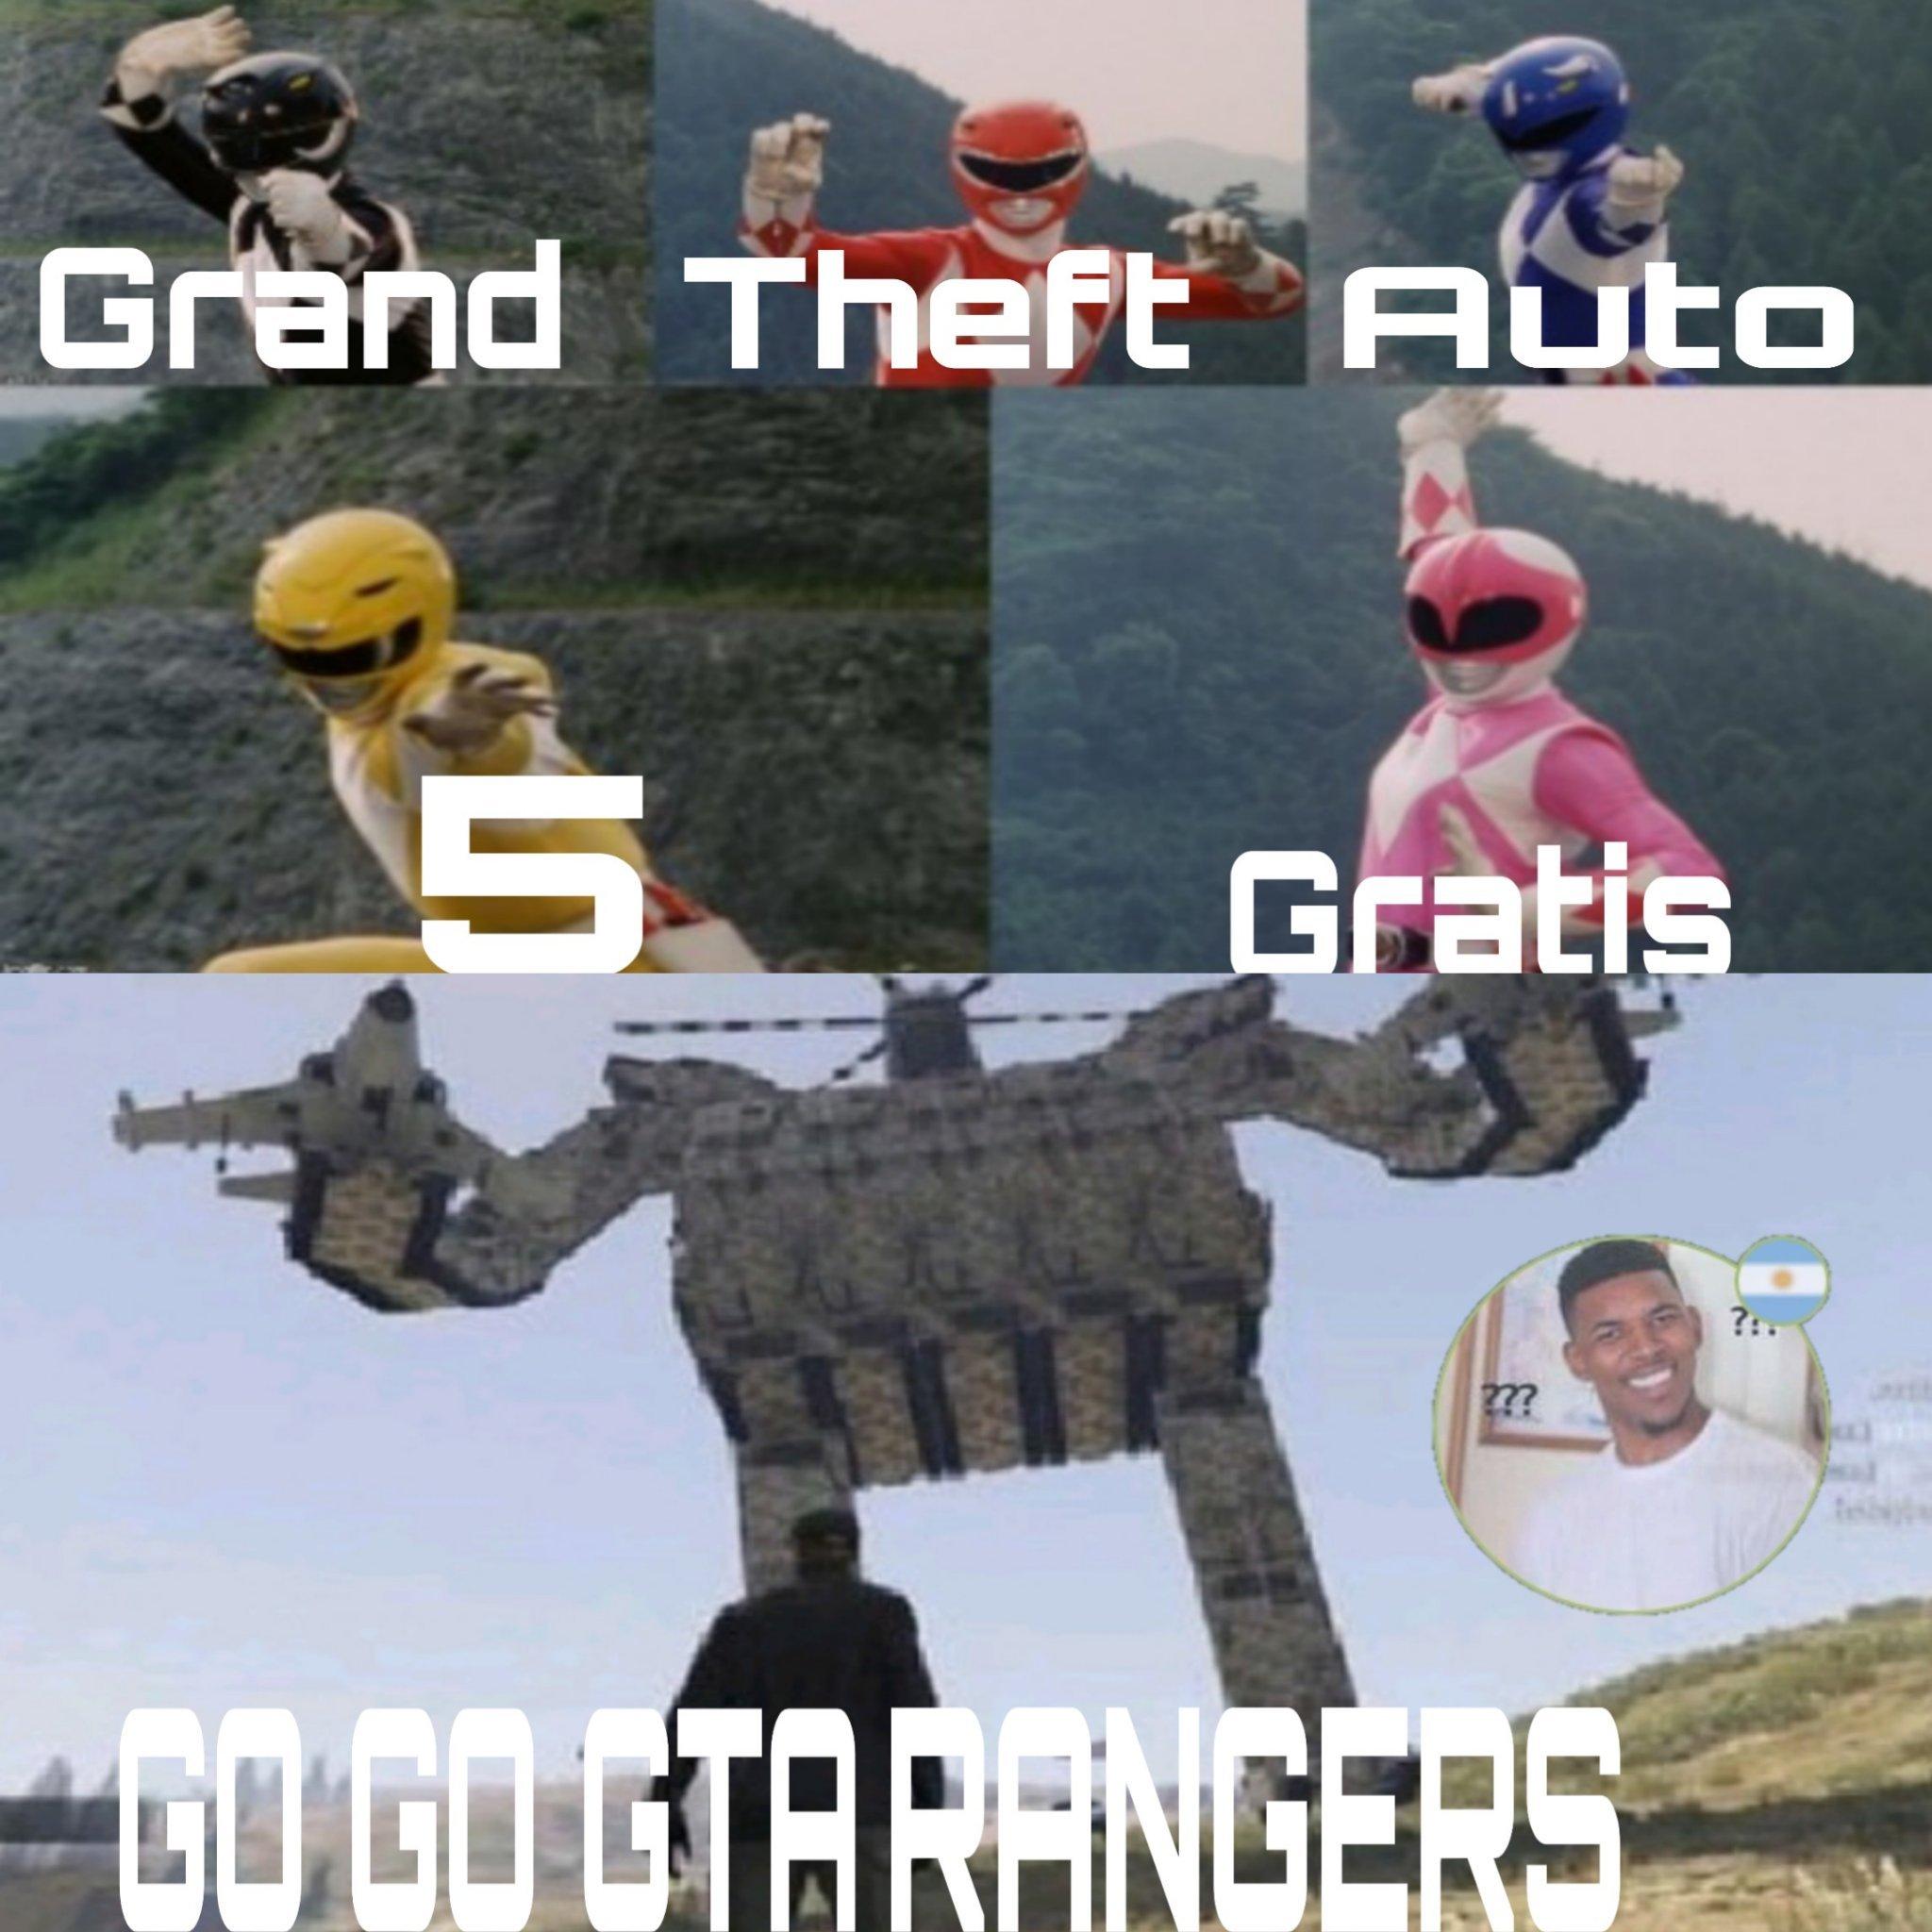 GO GO GTA RANGERS - meme